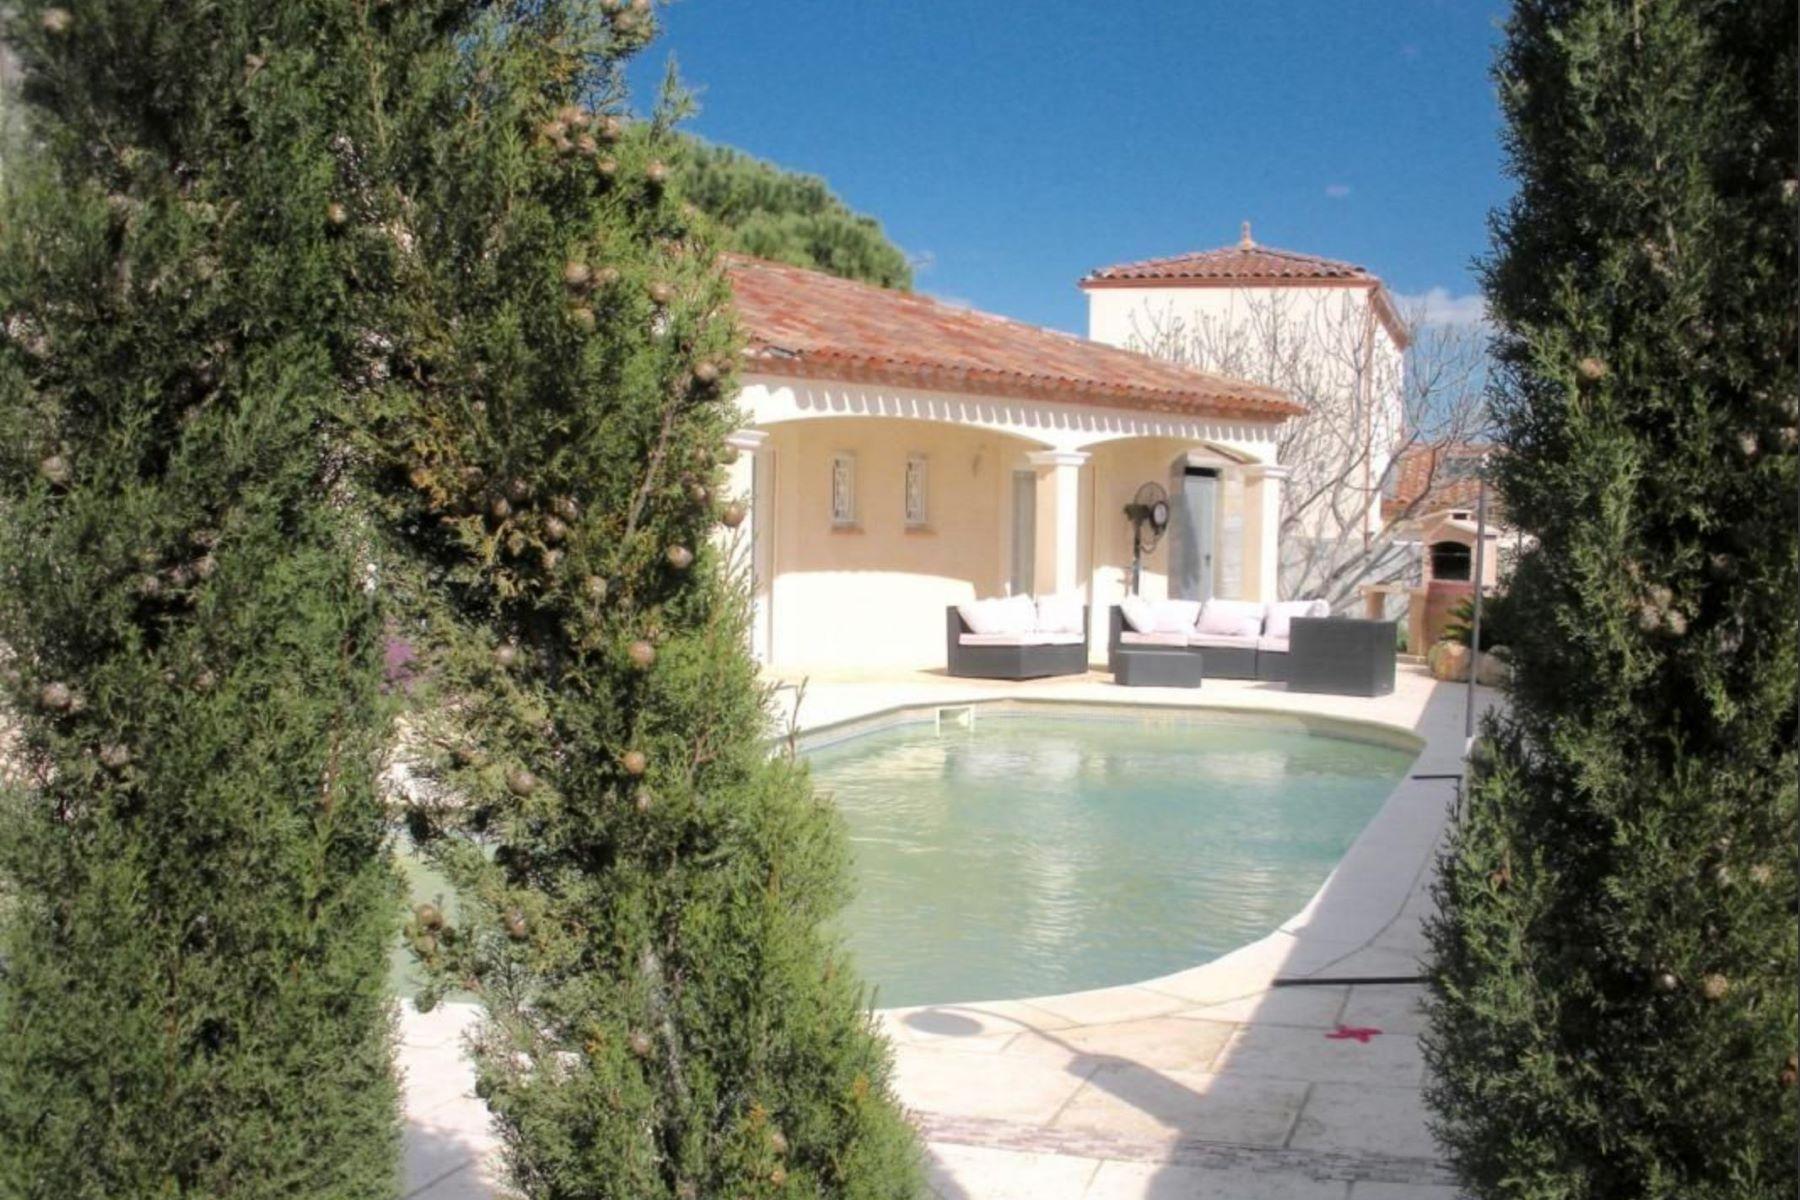 独户住宅 为 销售 在 Beautiful villa 贝济耶, 格朗多克鲁西永, 34500 法国